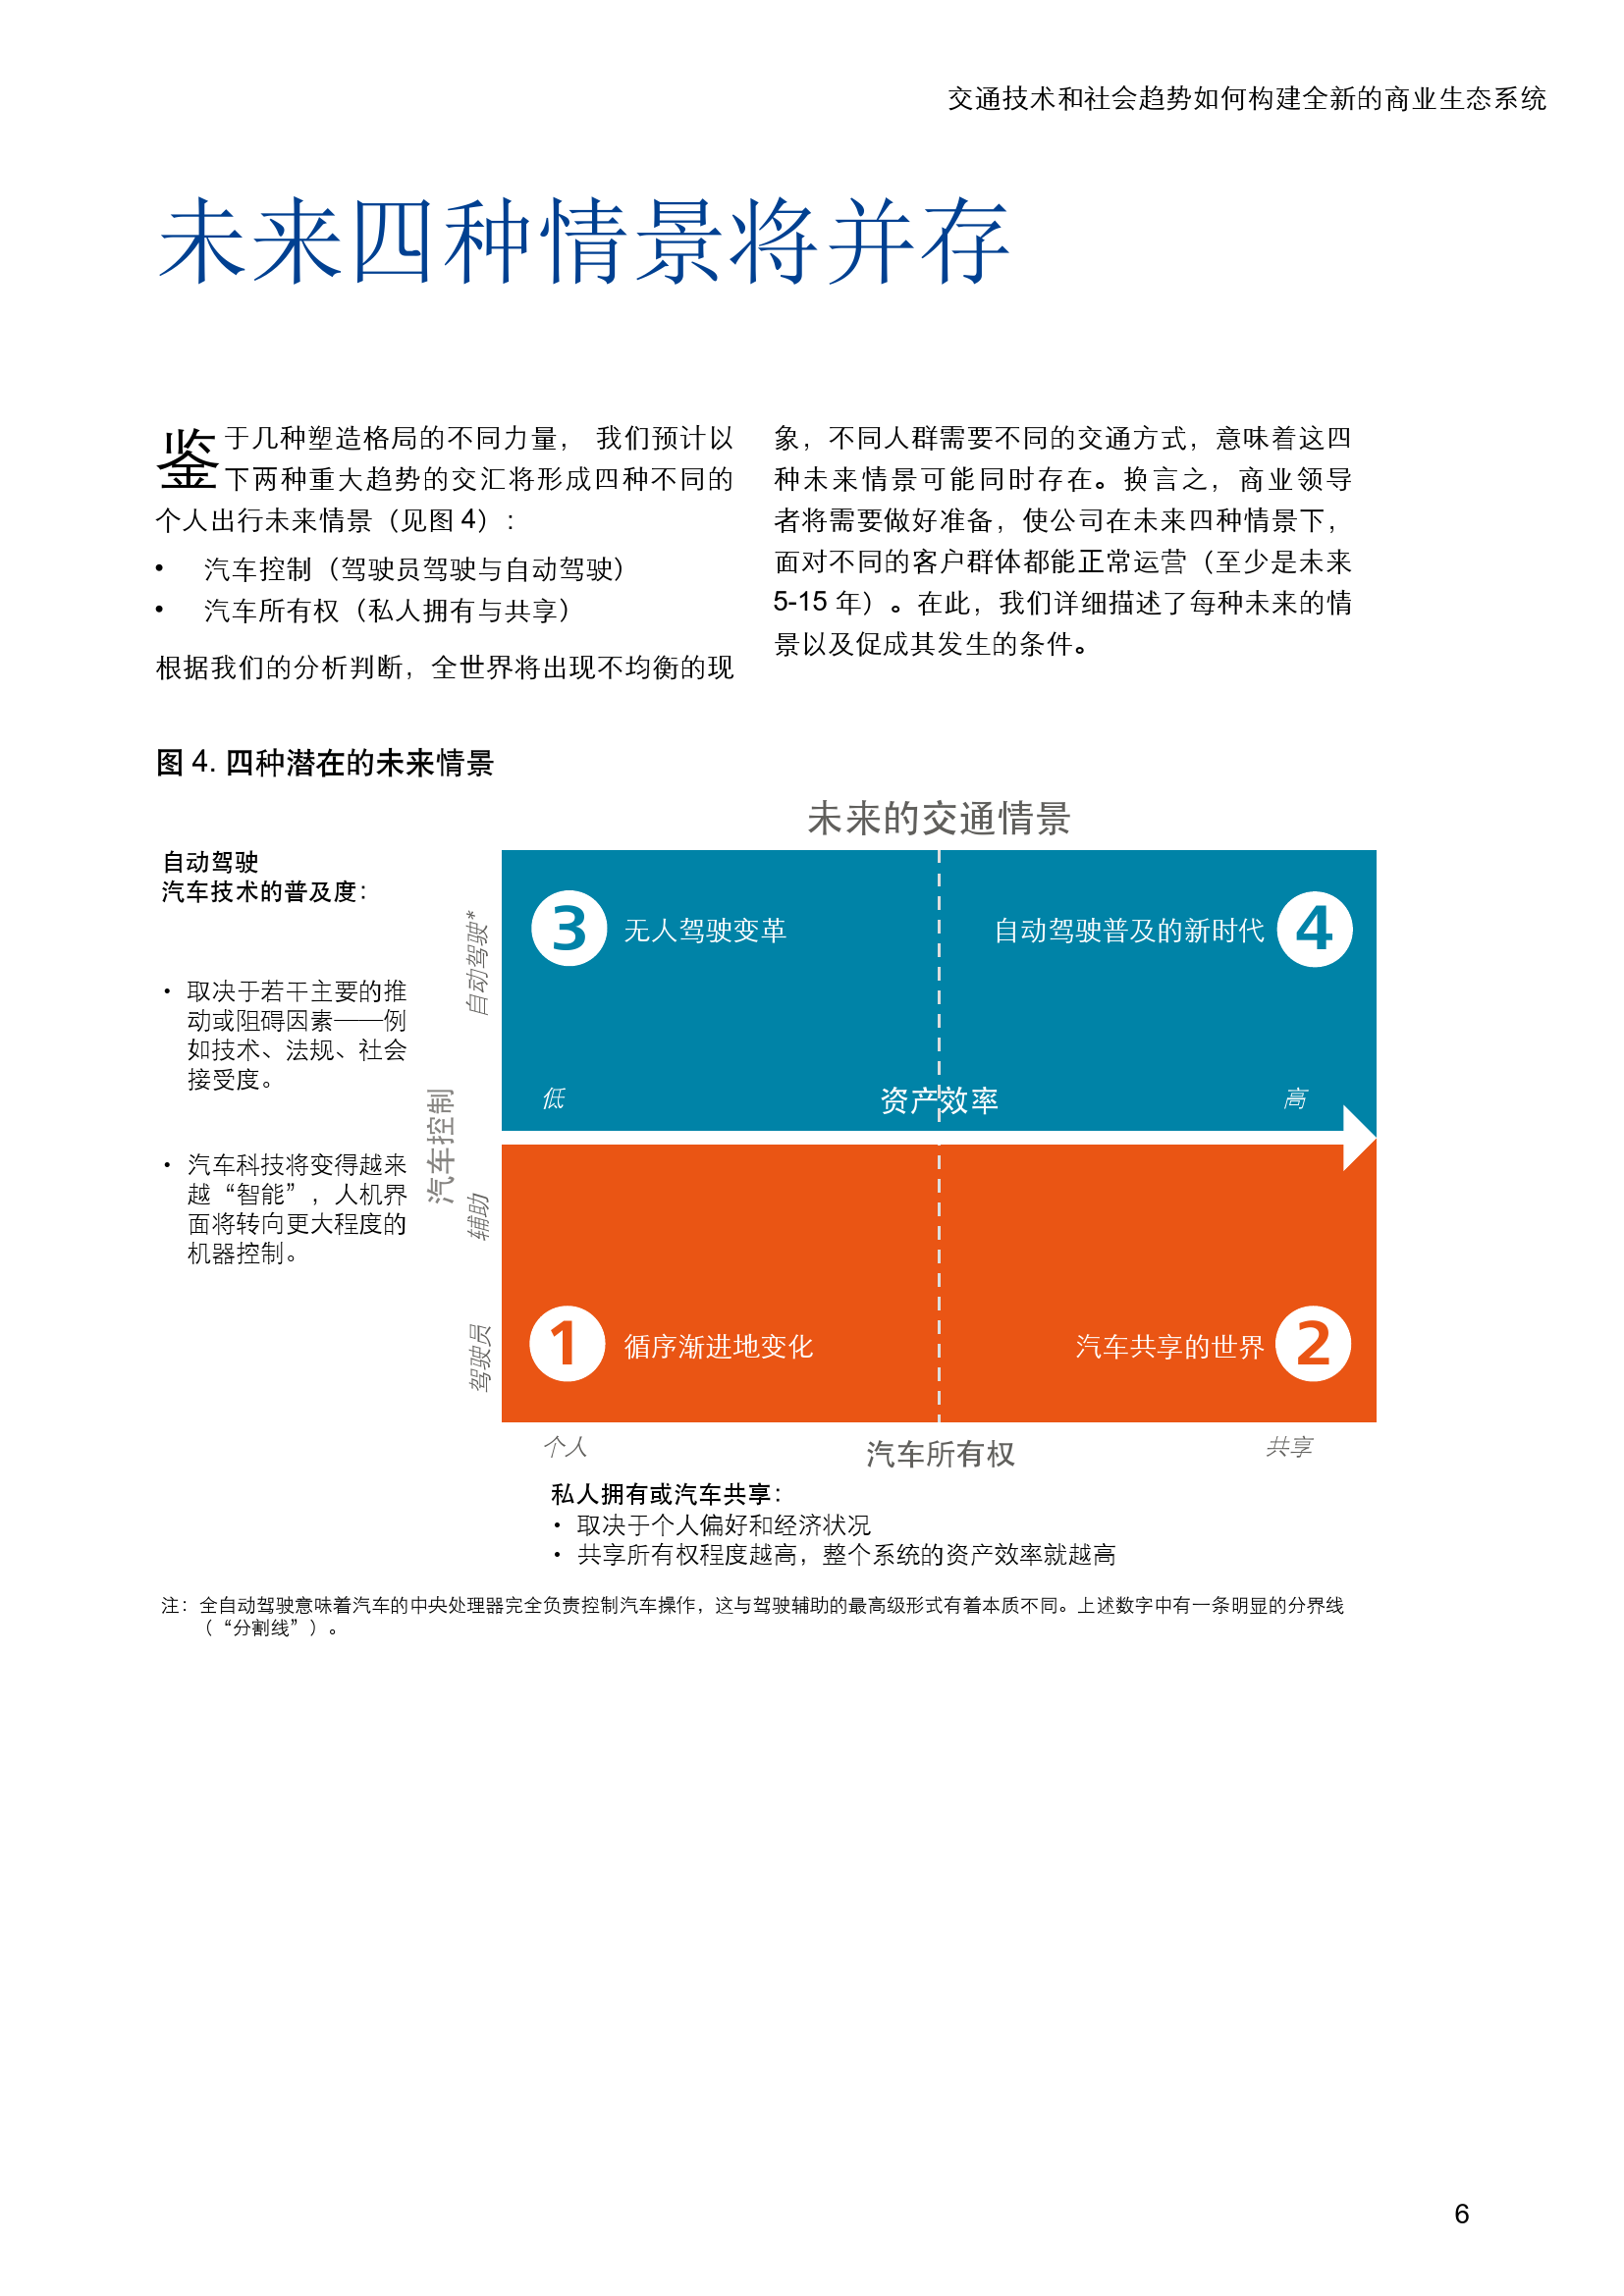 未来汽车:交通技术和社会趋势如何构建全新的商业生态系统_000009